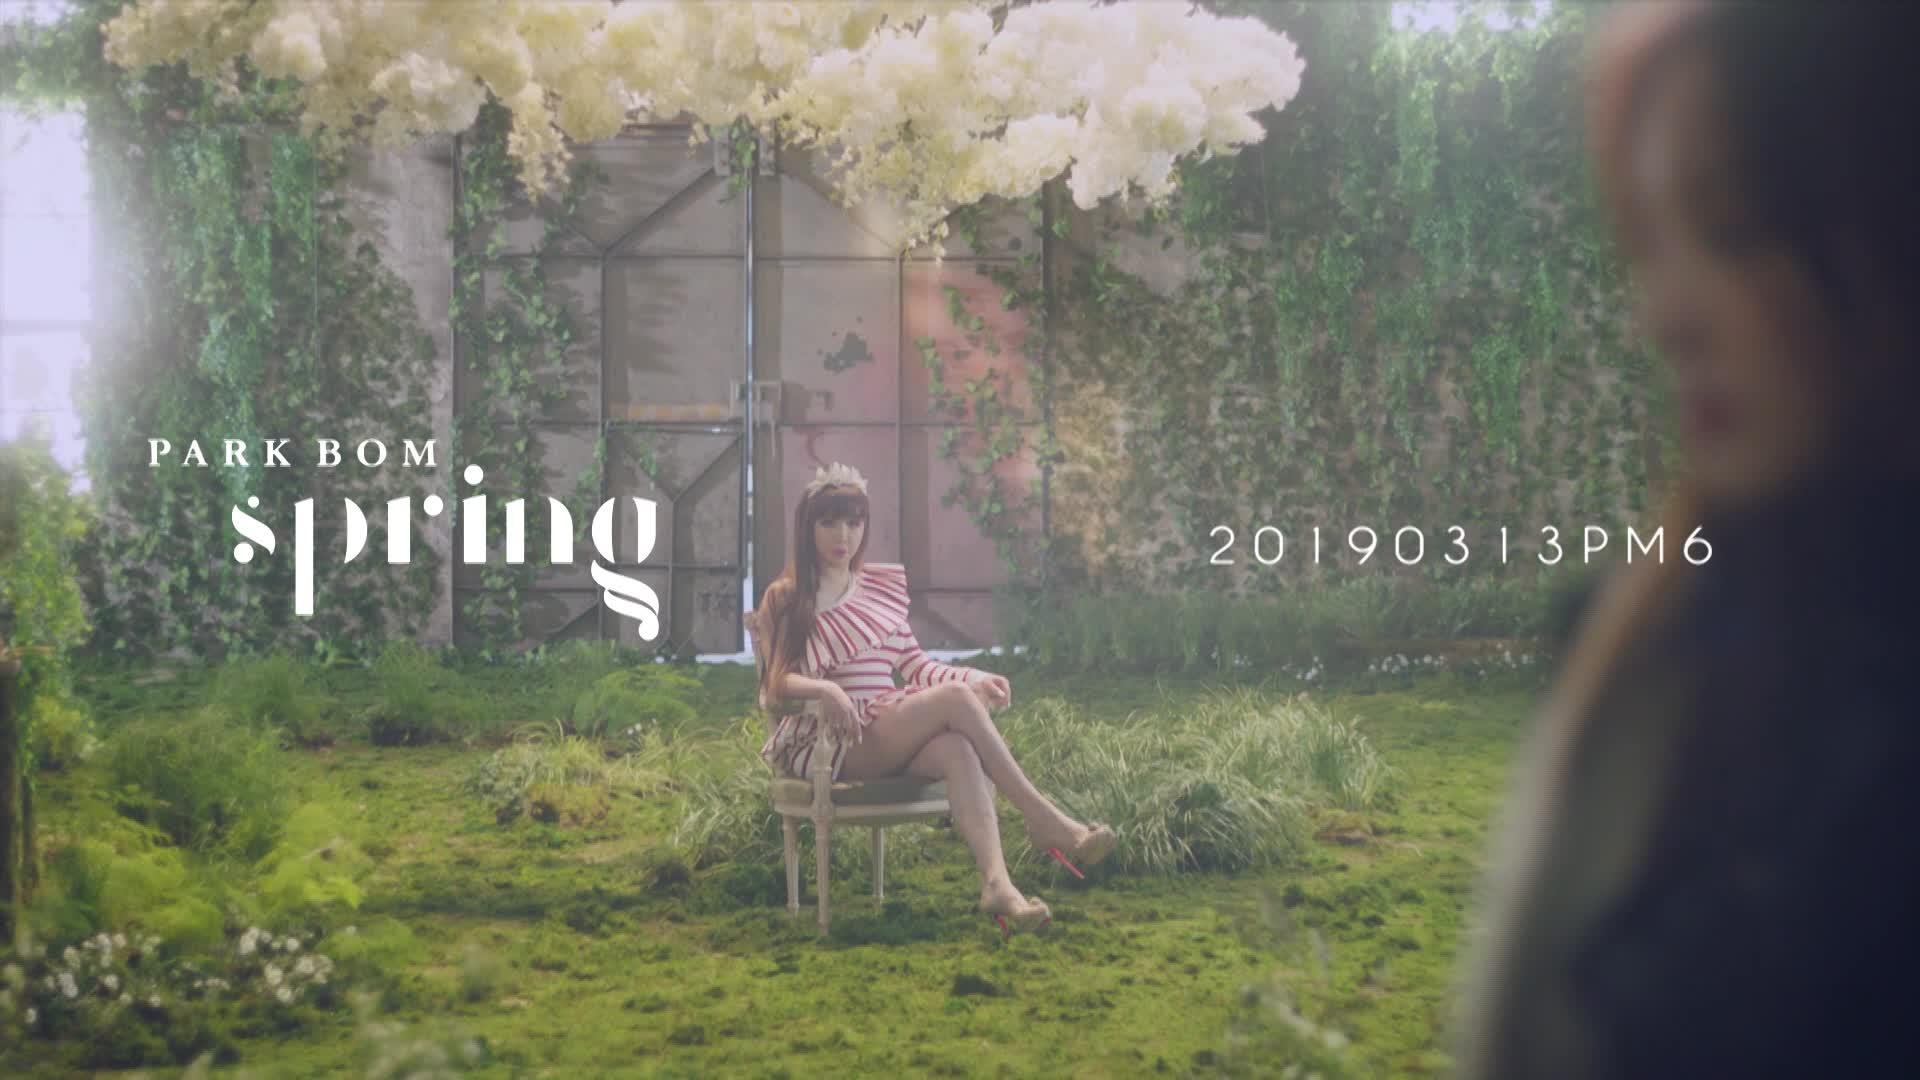 [Teaser] 'Spring' TEASER 2